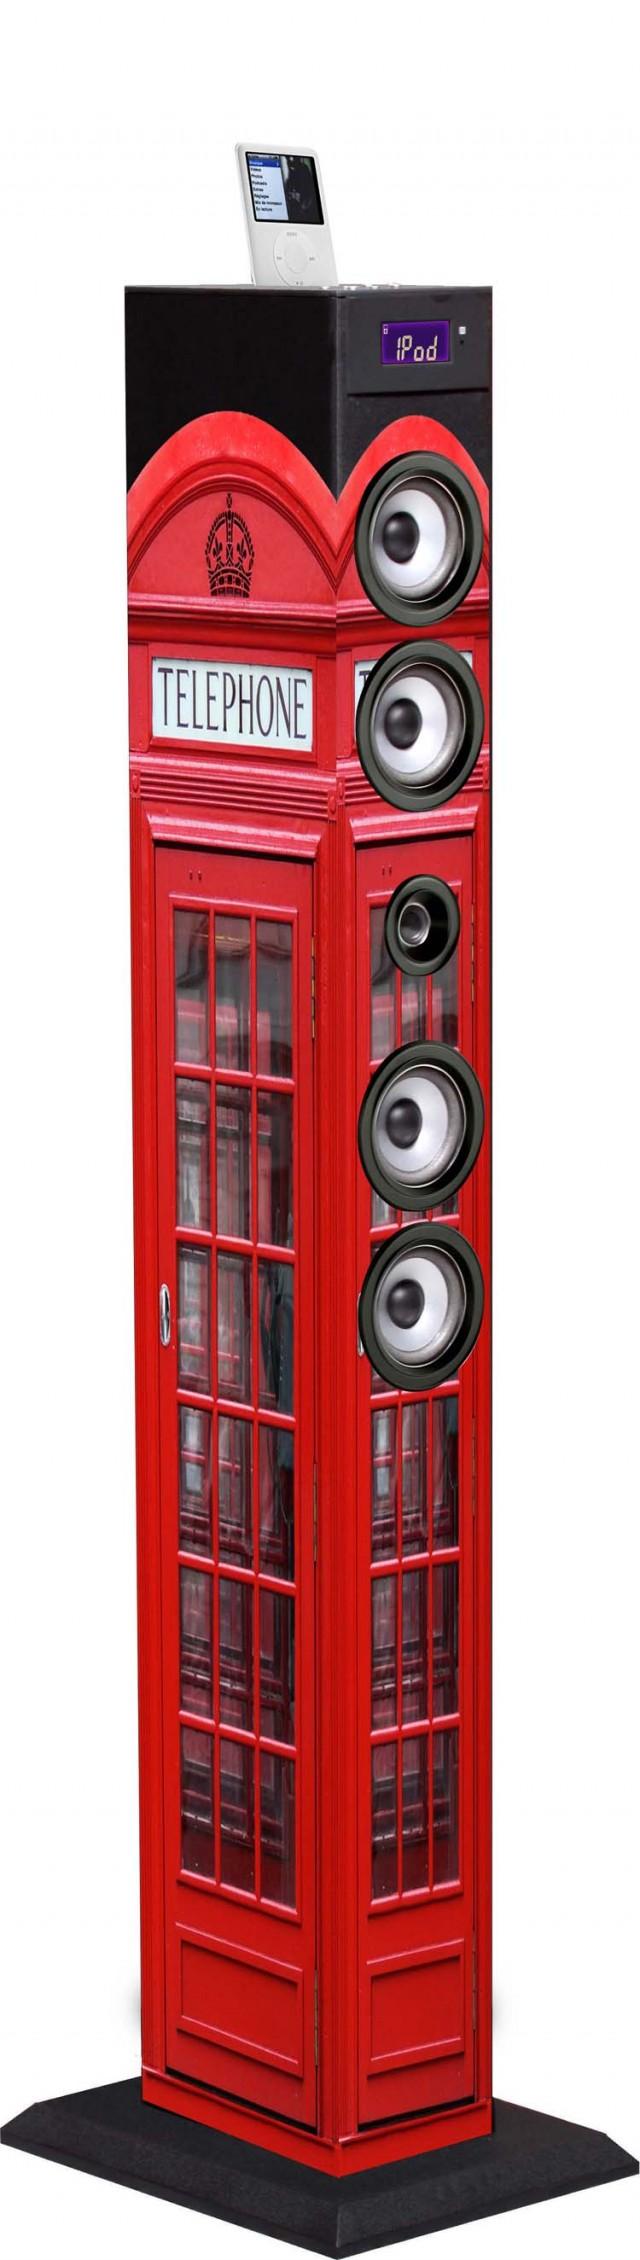 Torre Multimediale plug&play UK TELEPHONE - Packshot